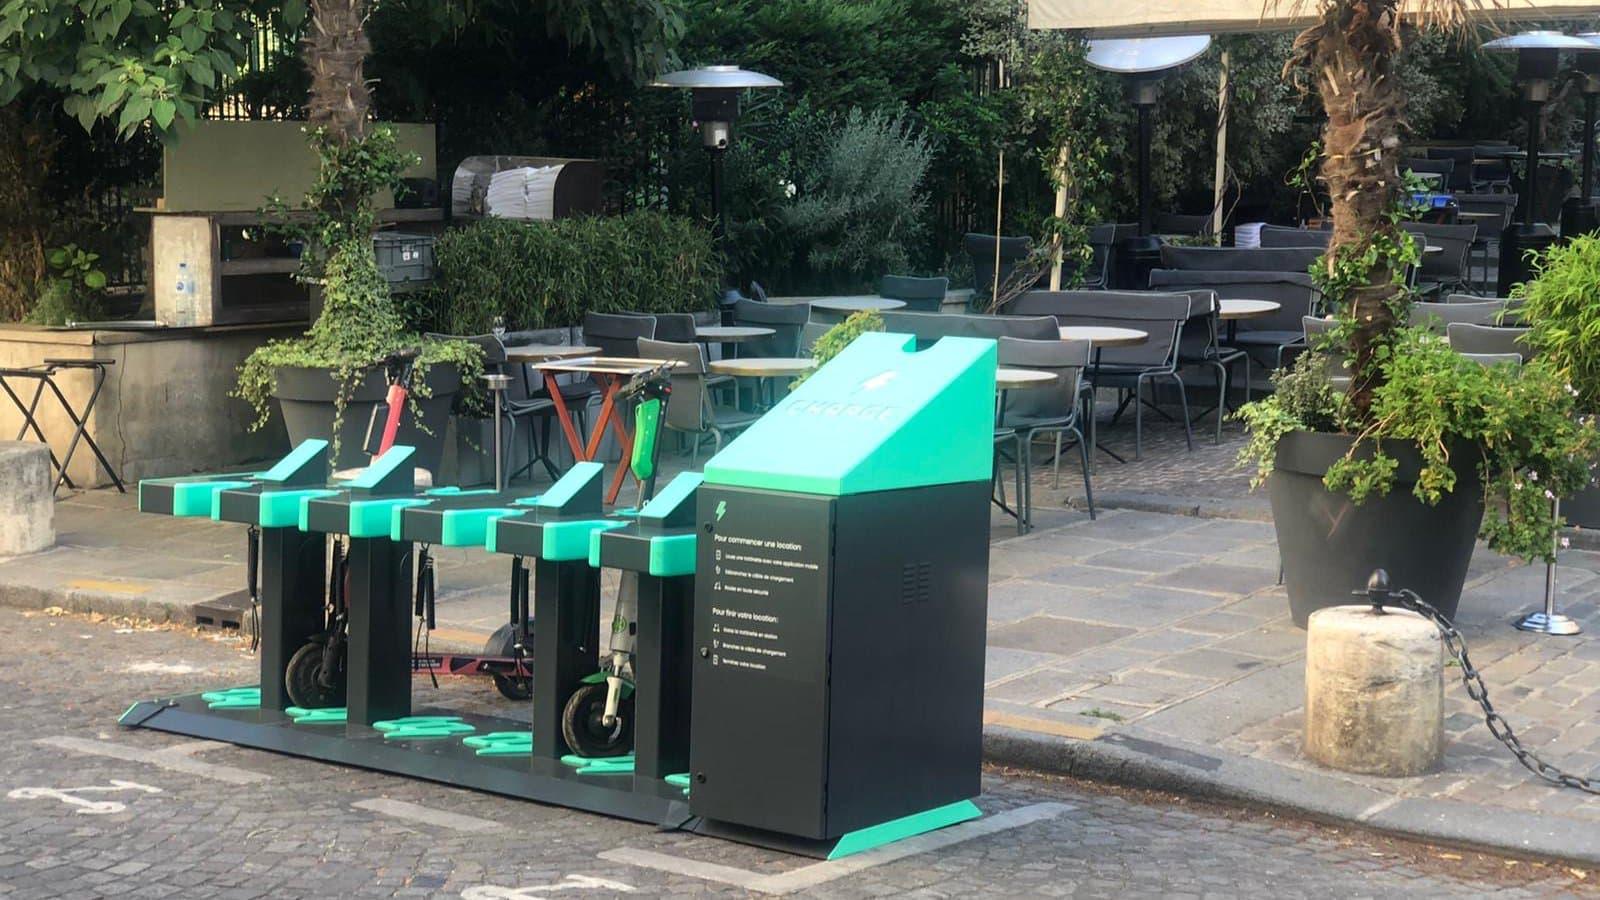 Les stations de recharge pour trottinettes électriques arrivent enfin à Paris